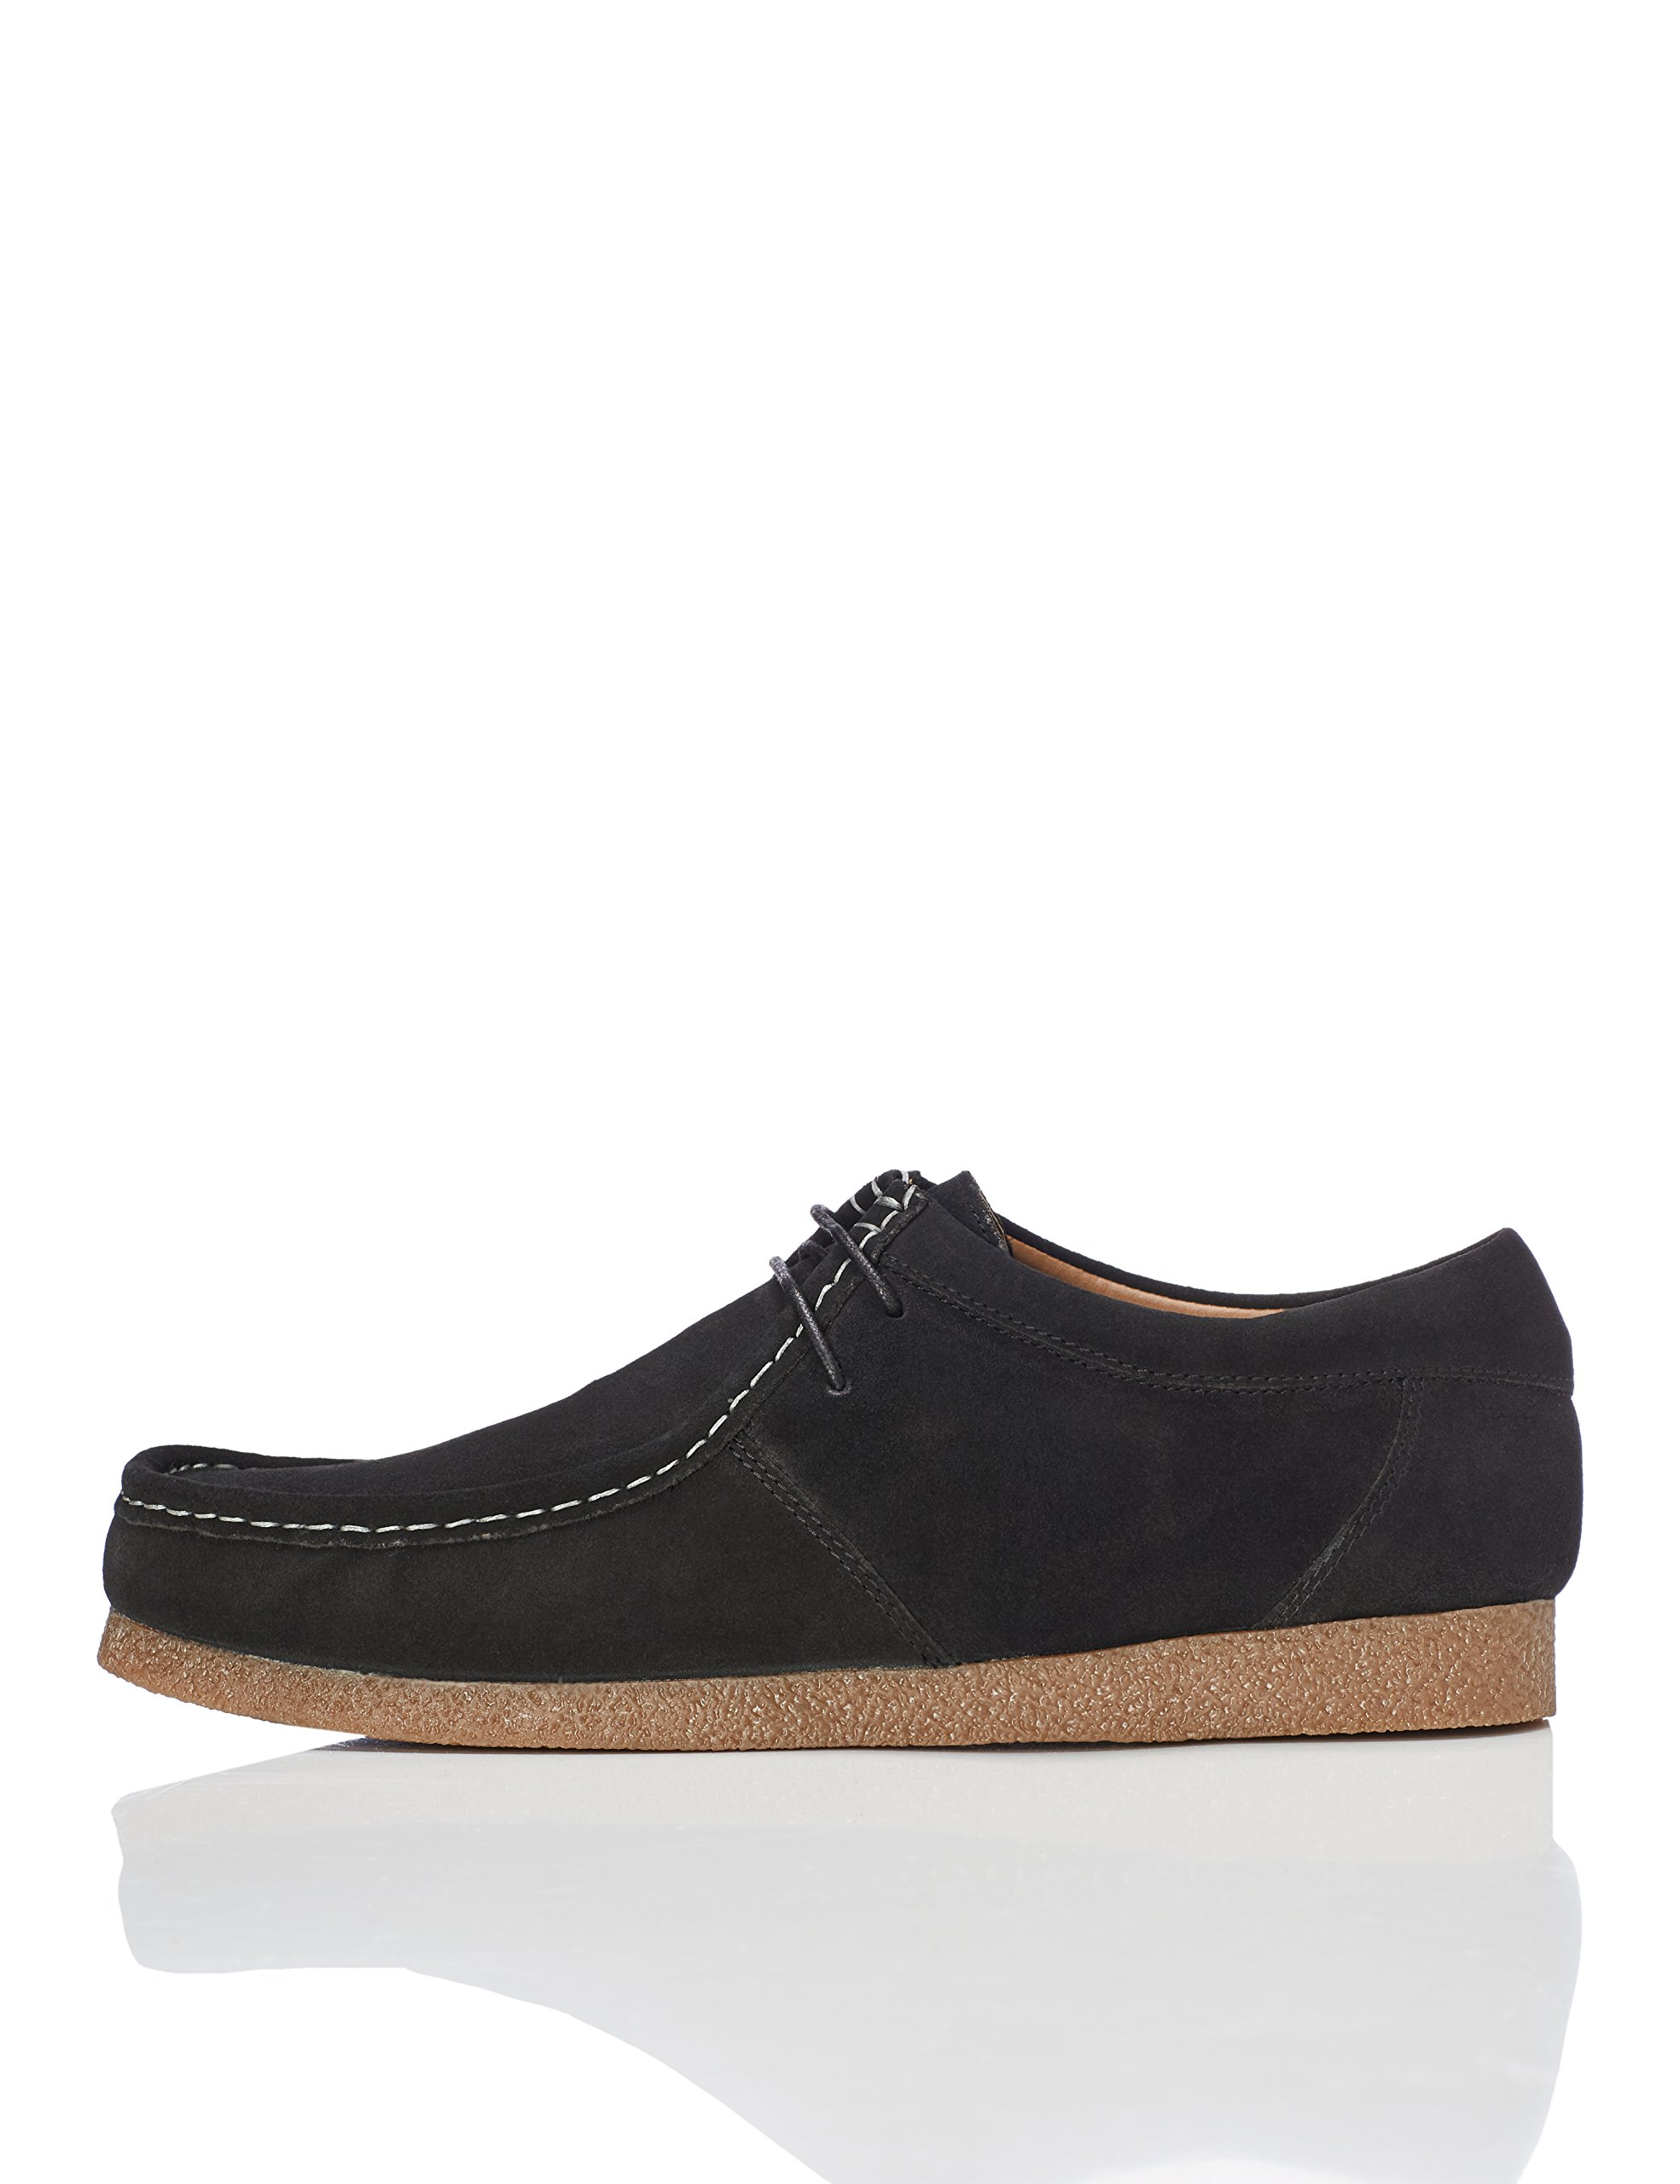 find. Zapato de Ante estilo Wallabee Hombre product image